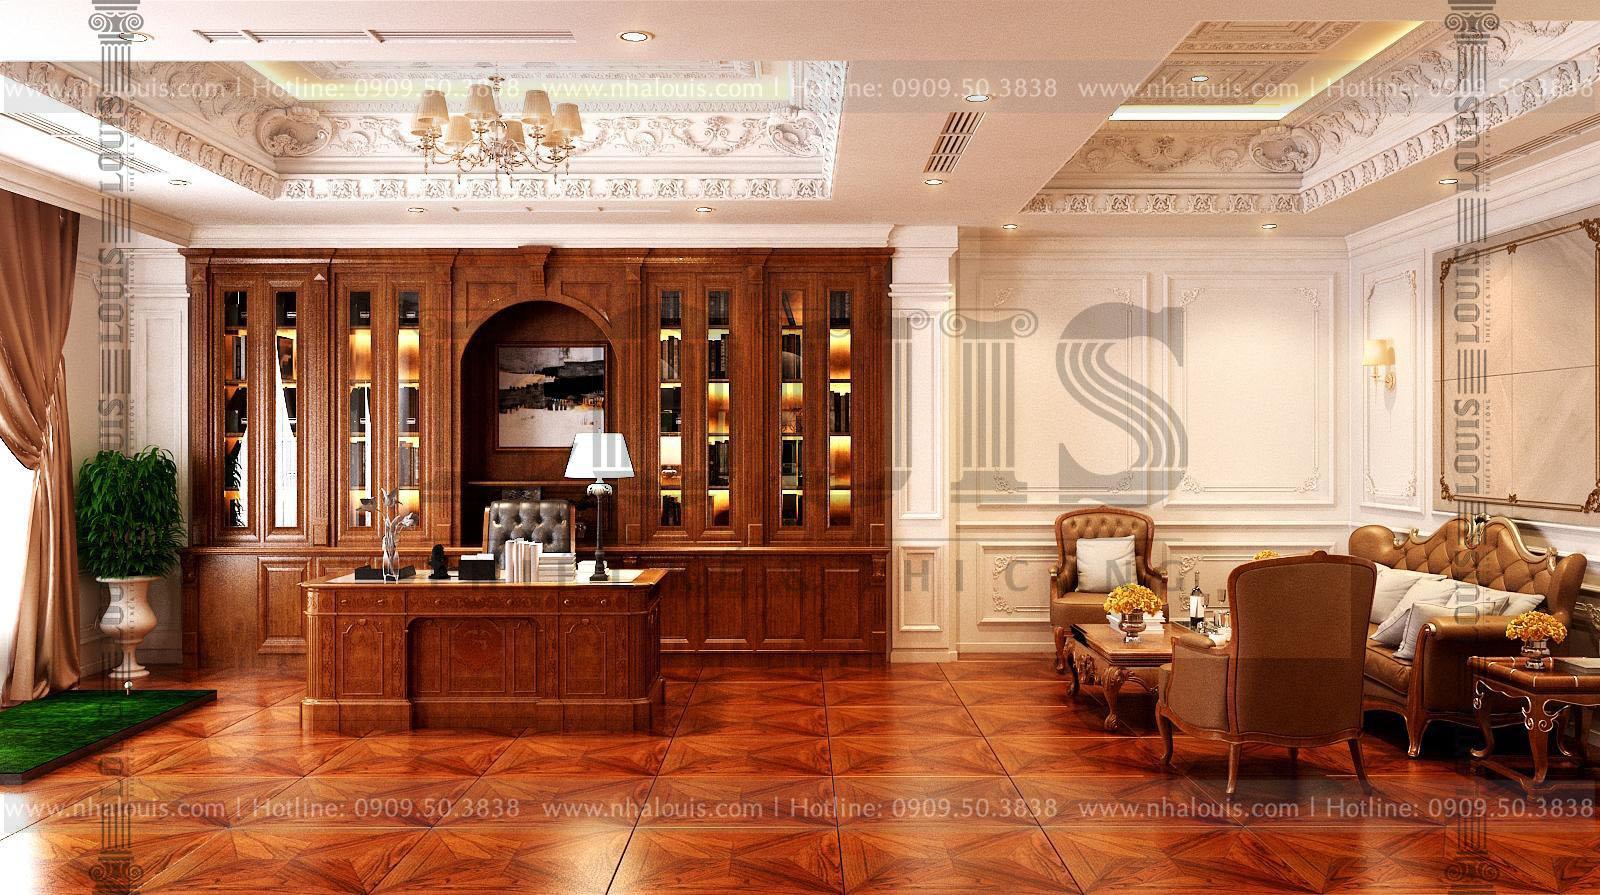 thiết kế toà nhà văn phòng 9 tầng cổ điển tại bình phước